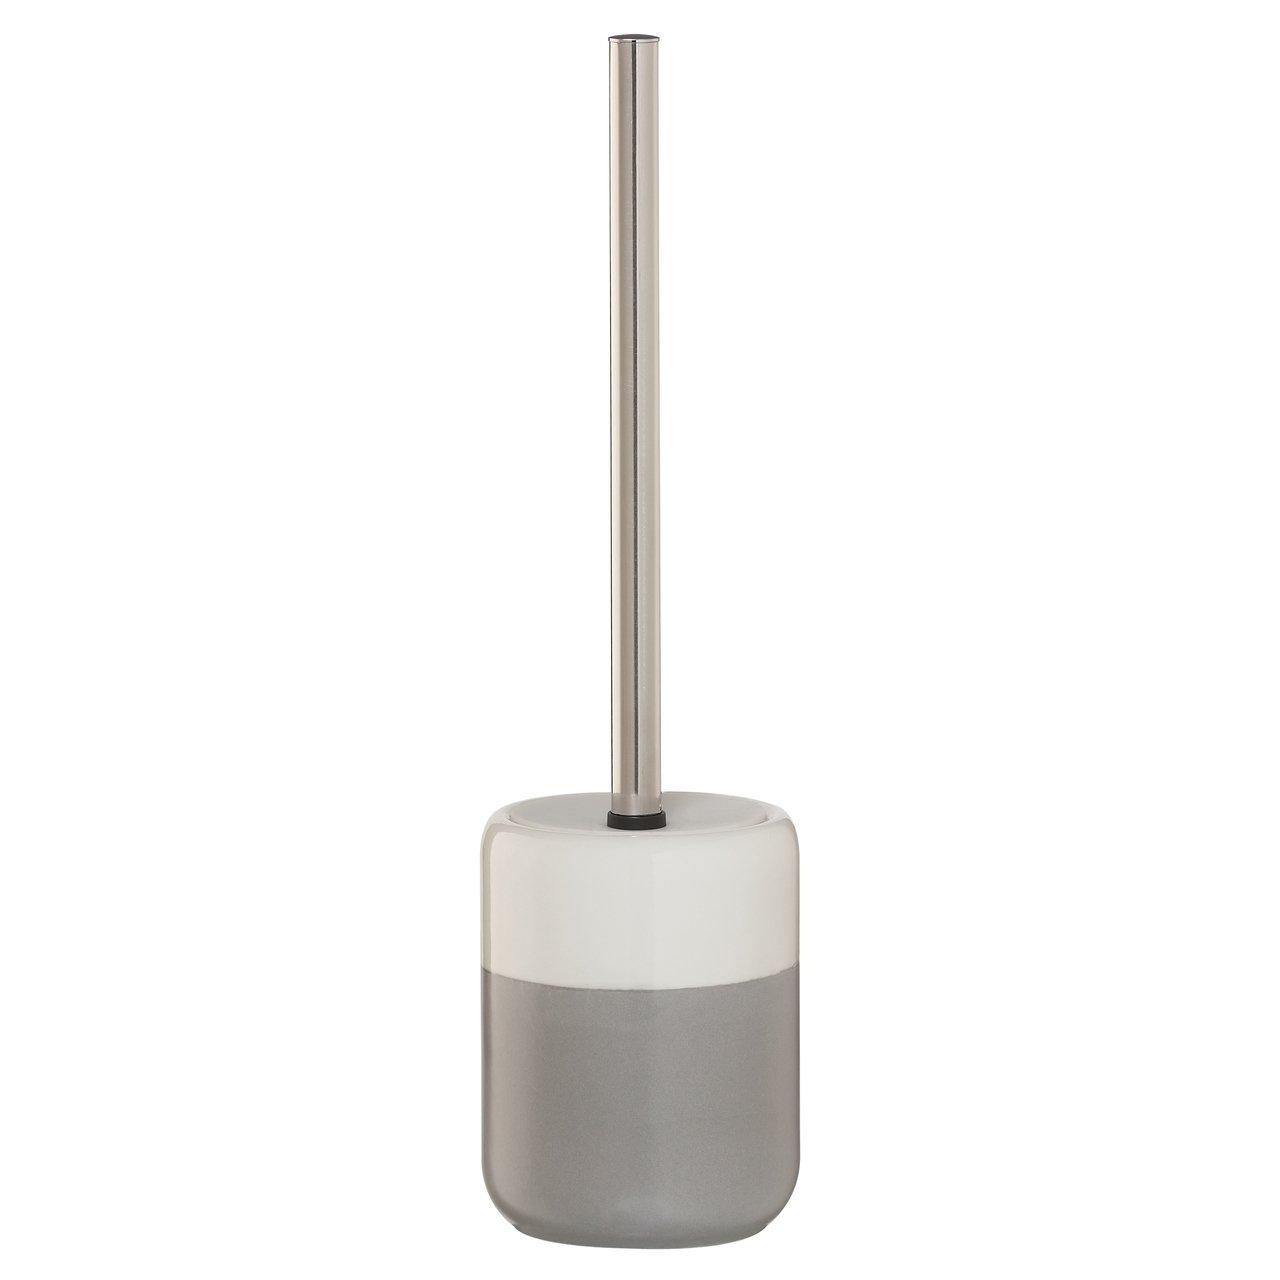 Sealskin Toilet Brush And Holder Sphere Gray And White Porcelain